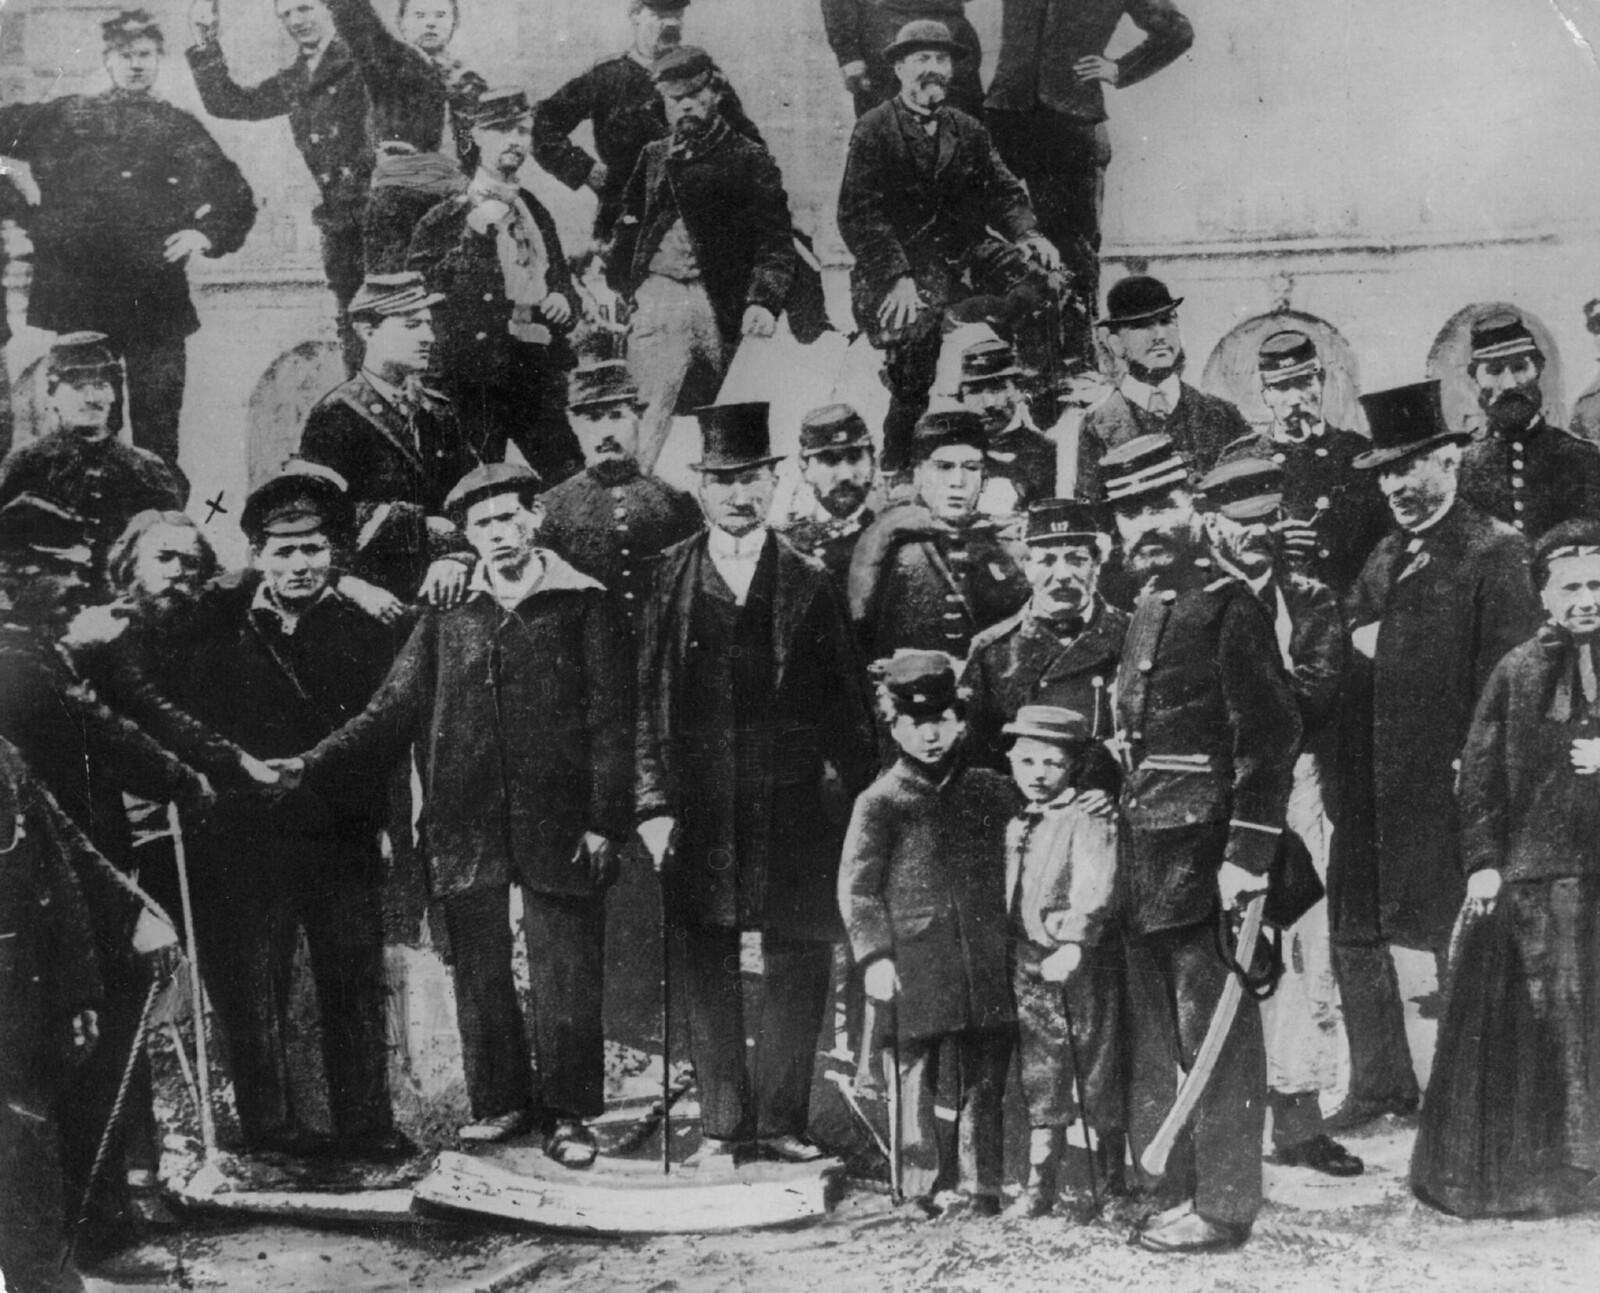 1871. Моряки участвуют в сносе Вандомской колонны в Париже по приказу Парижской Коммуны